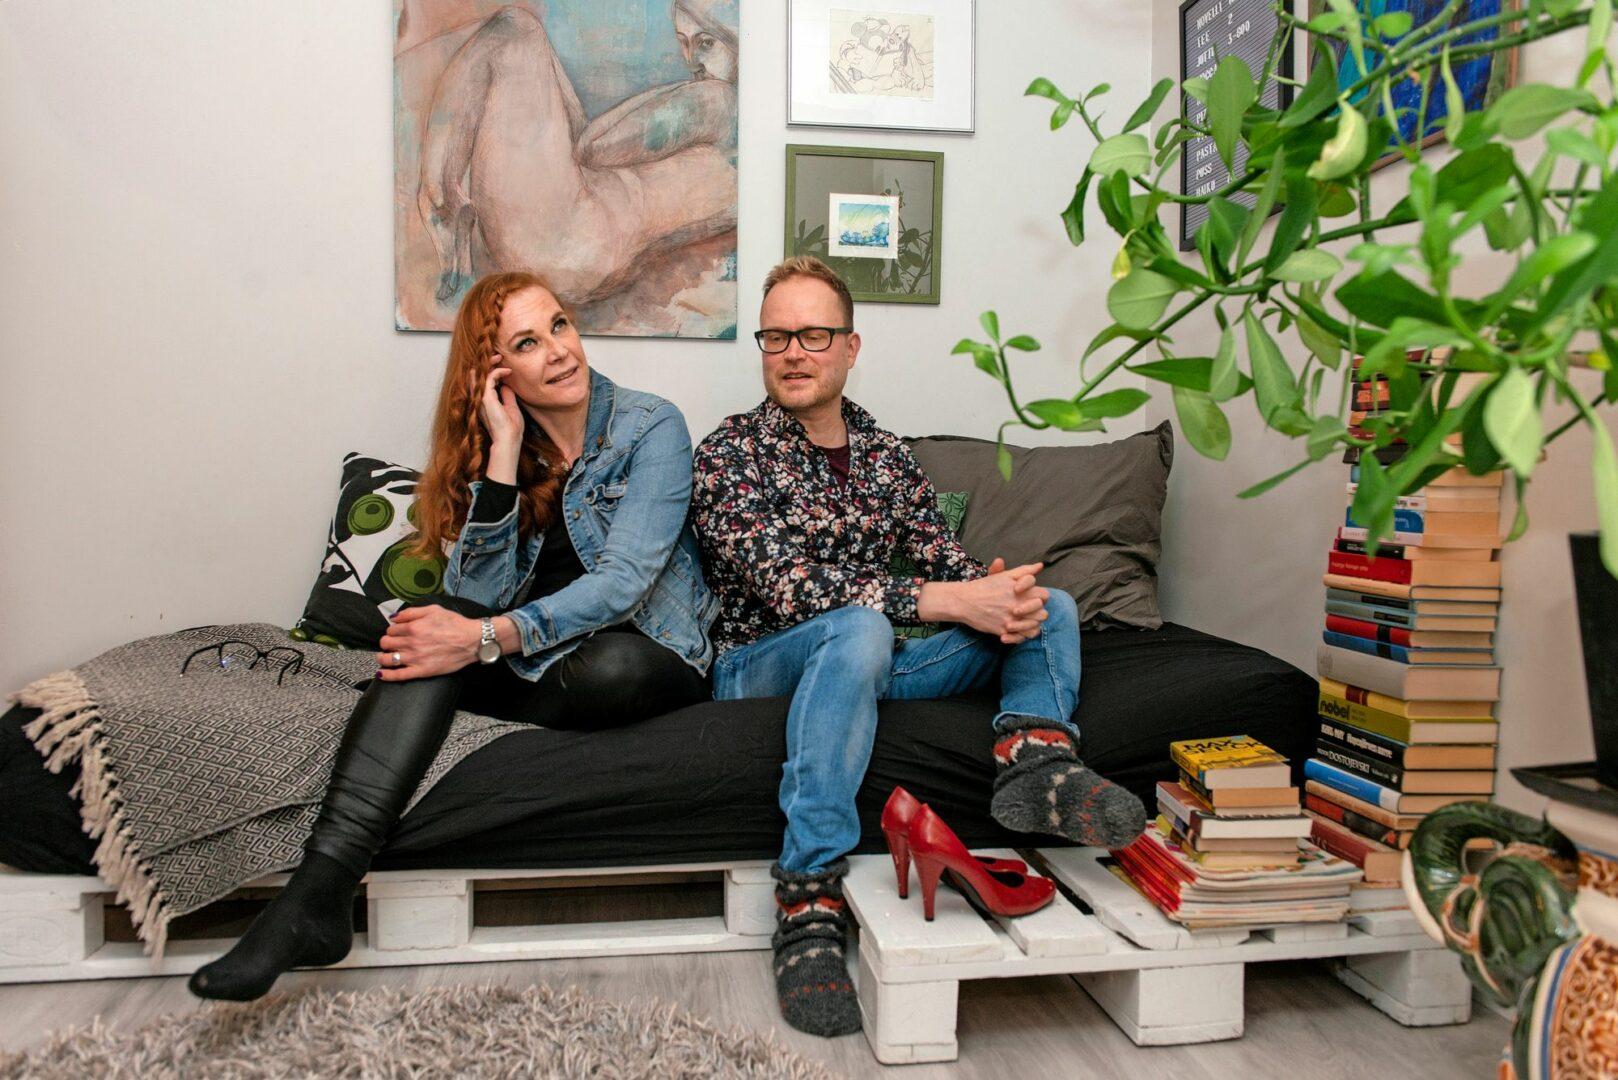 Jukka Behmin ja Katariina Hakaniemen ystävyys